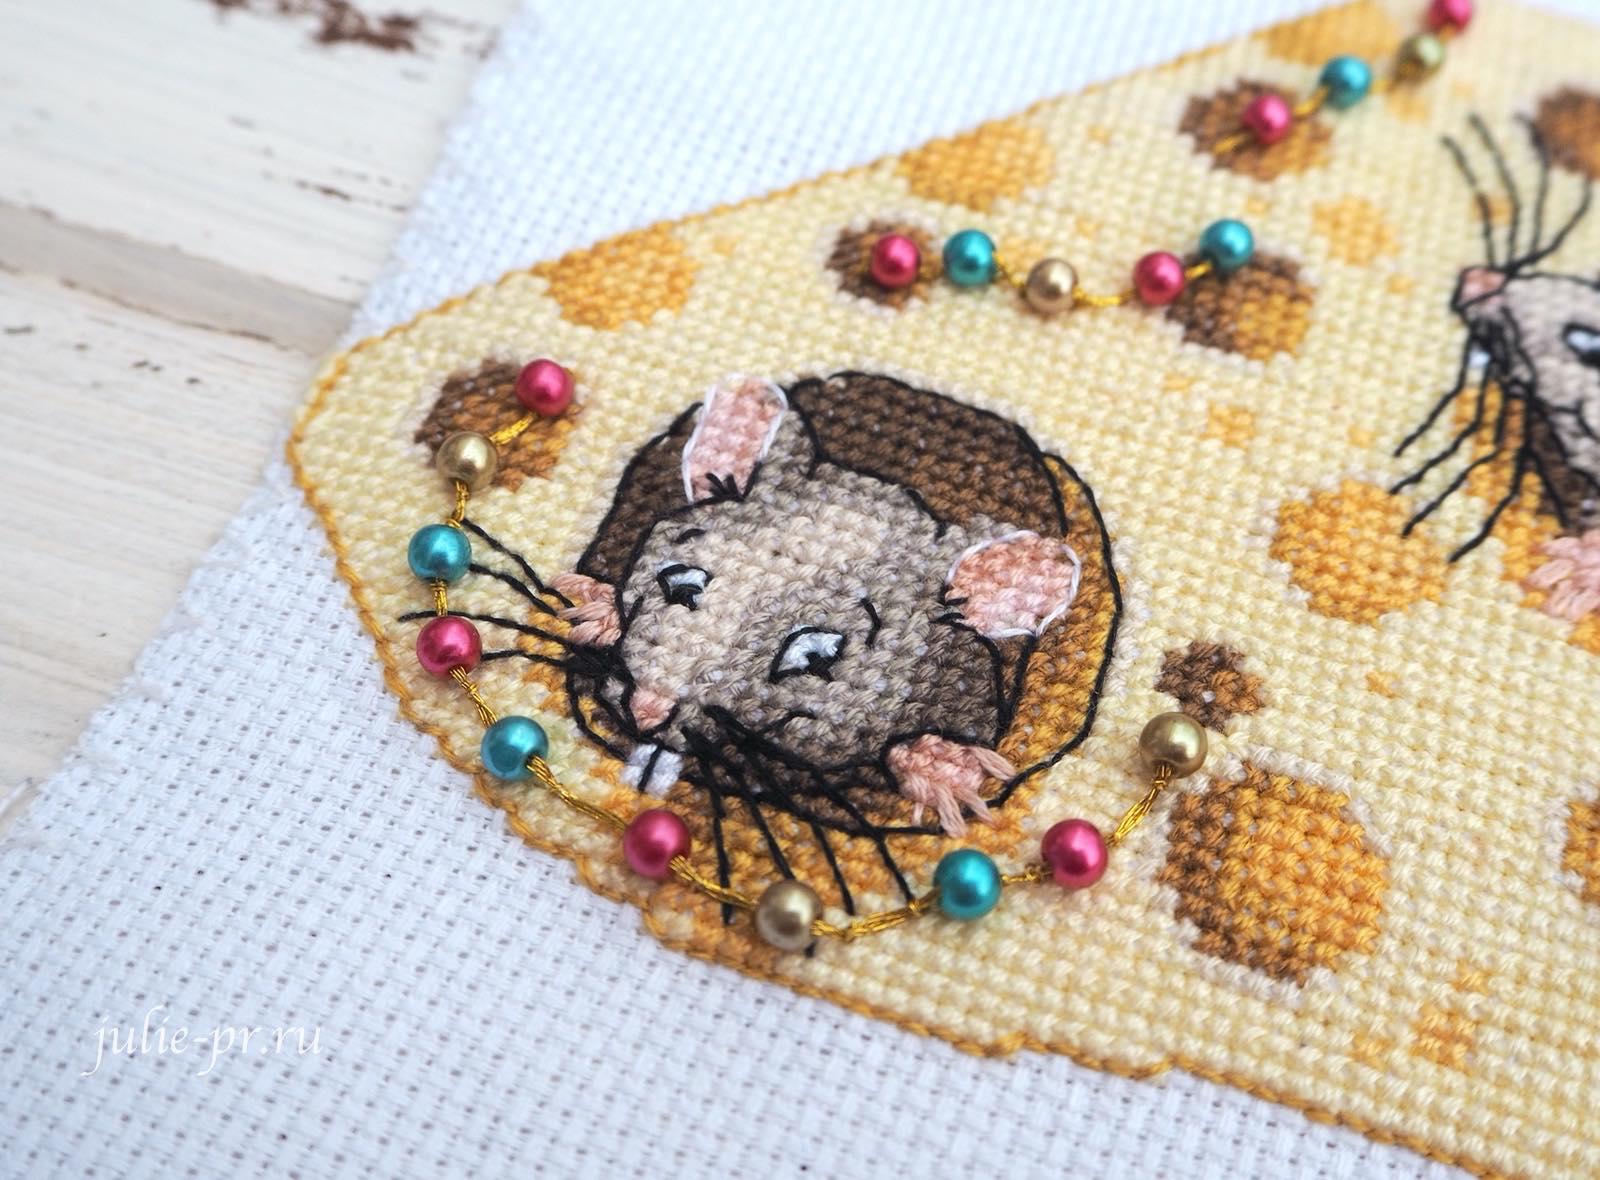 вышивка крестом, панна, Panna IG-7168 Сыр для мышек, елочная игрушка